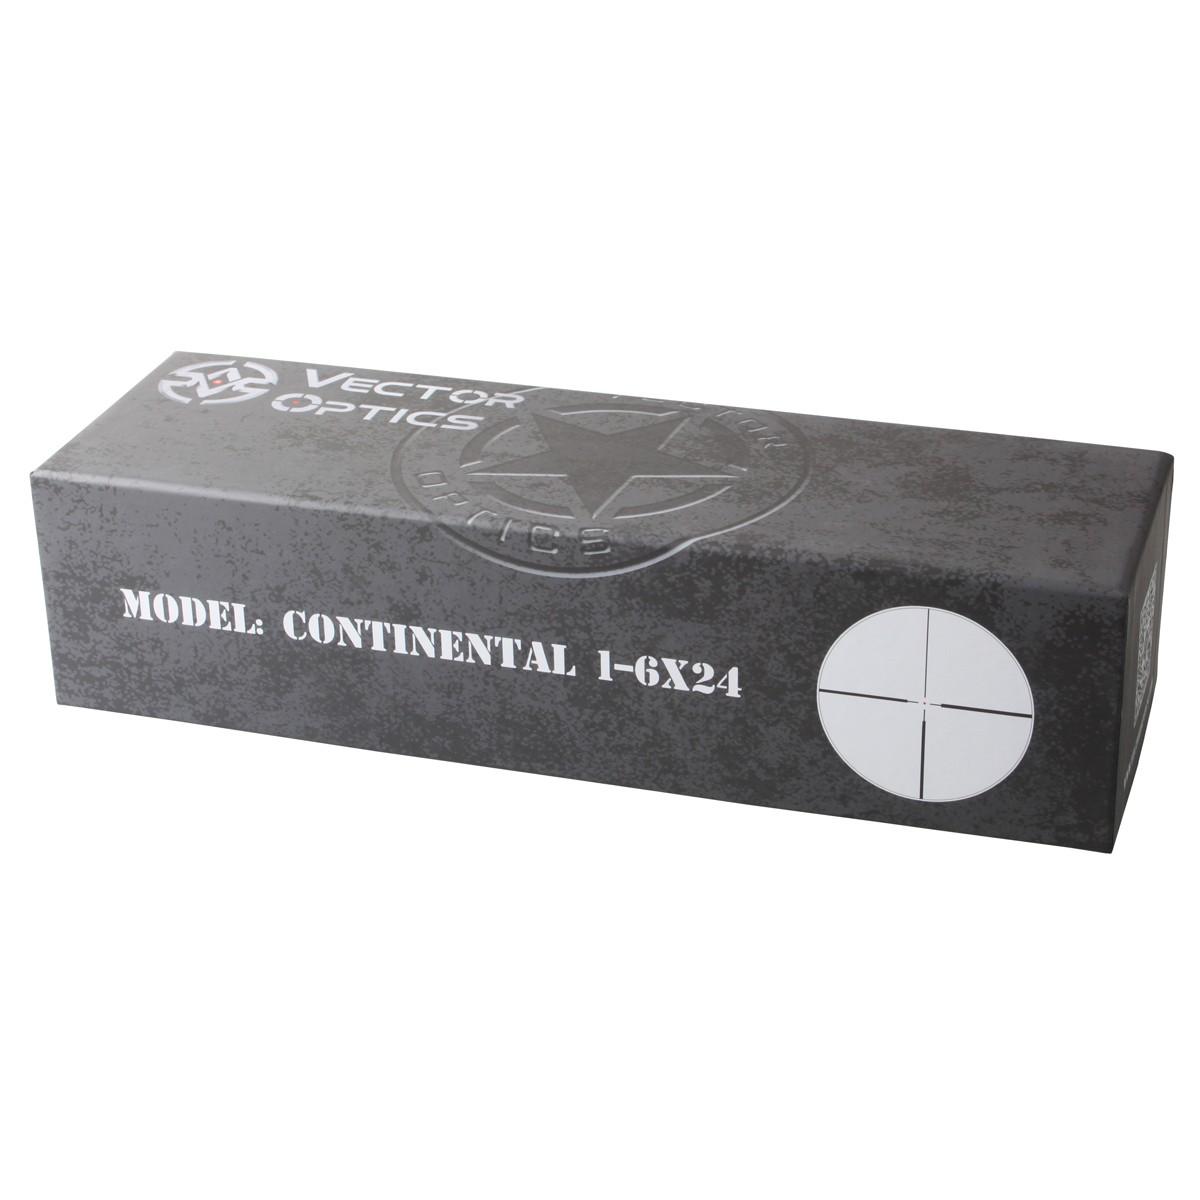 【お届け予定日: 6月30日】ベクターオプティクス ライフルスコープ Continental 1-6x24  Vector Optics SCOC-23